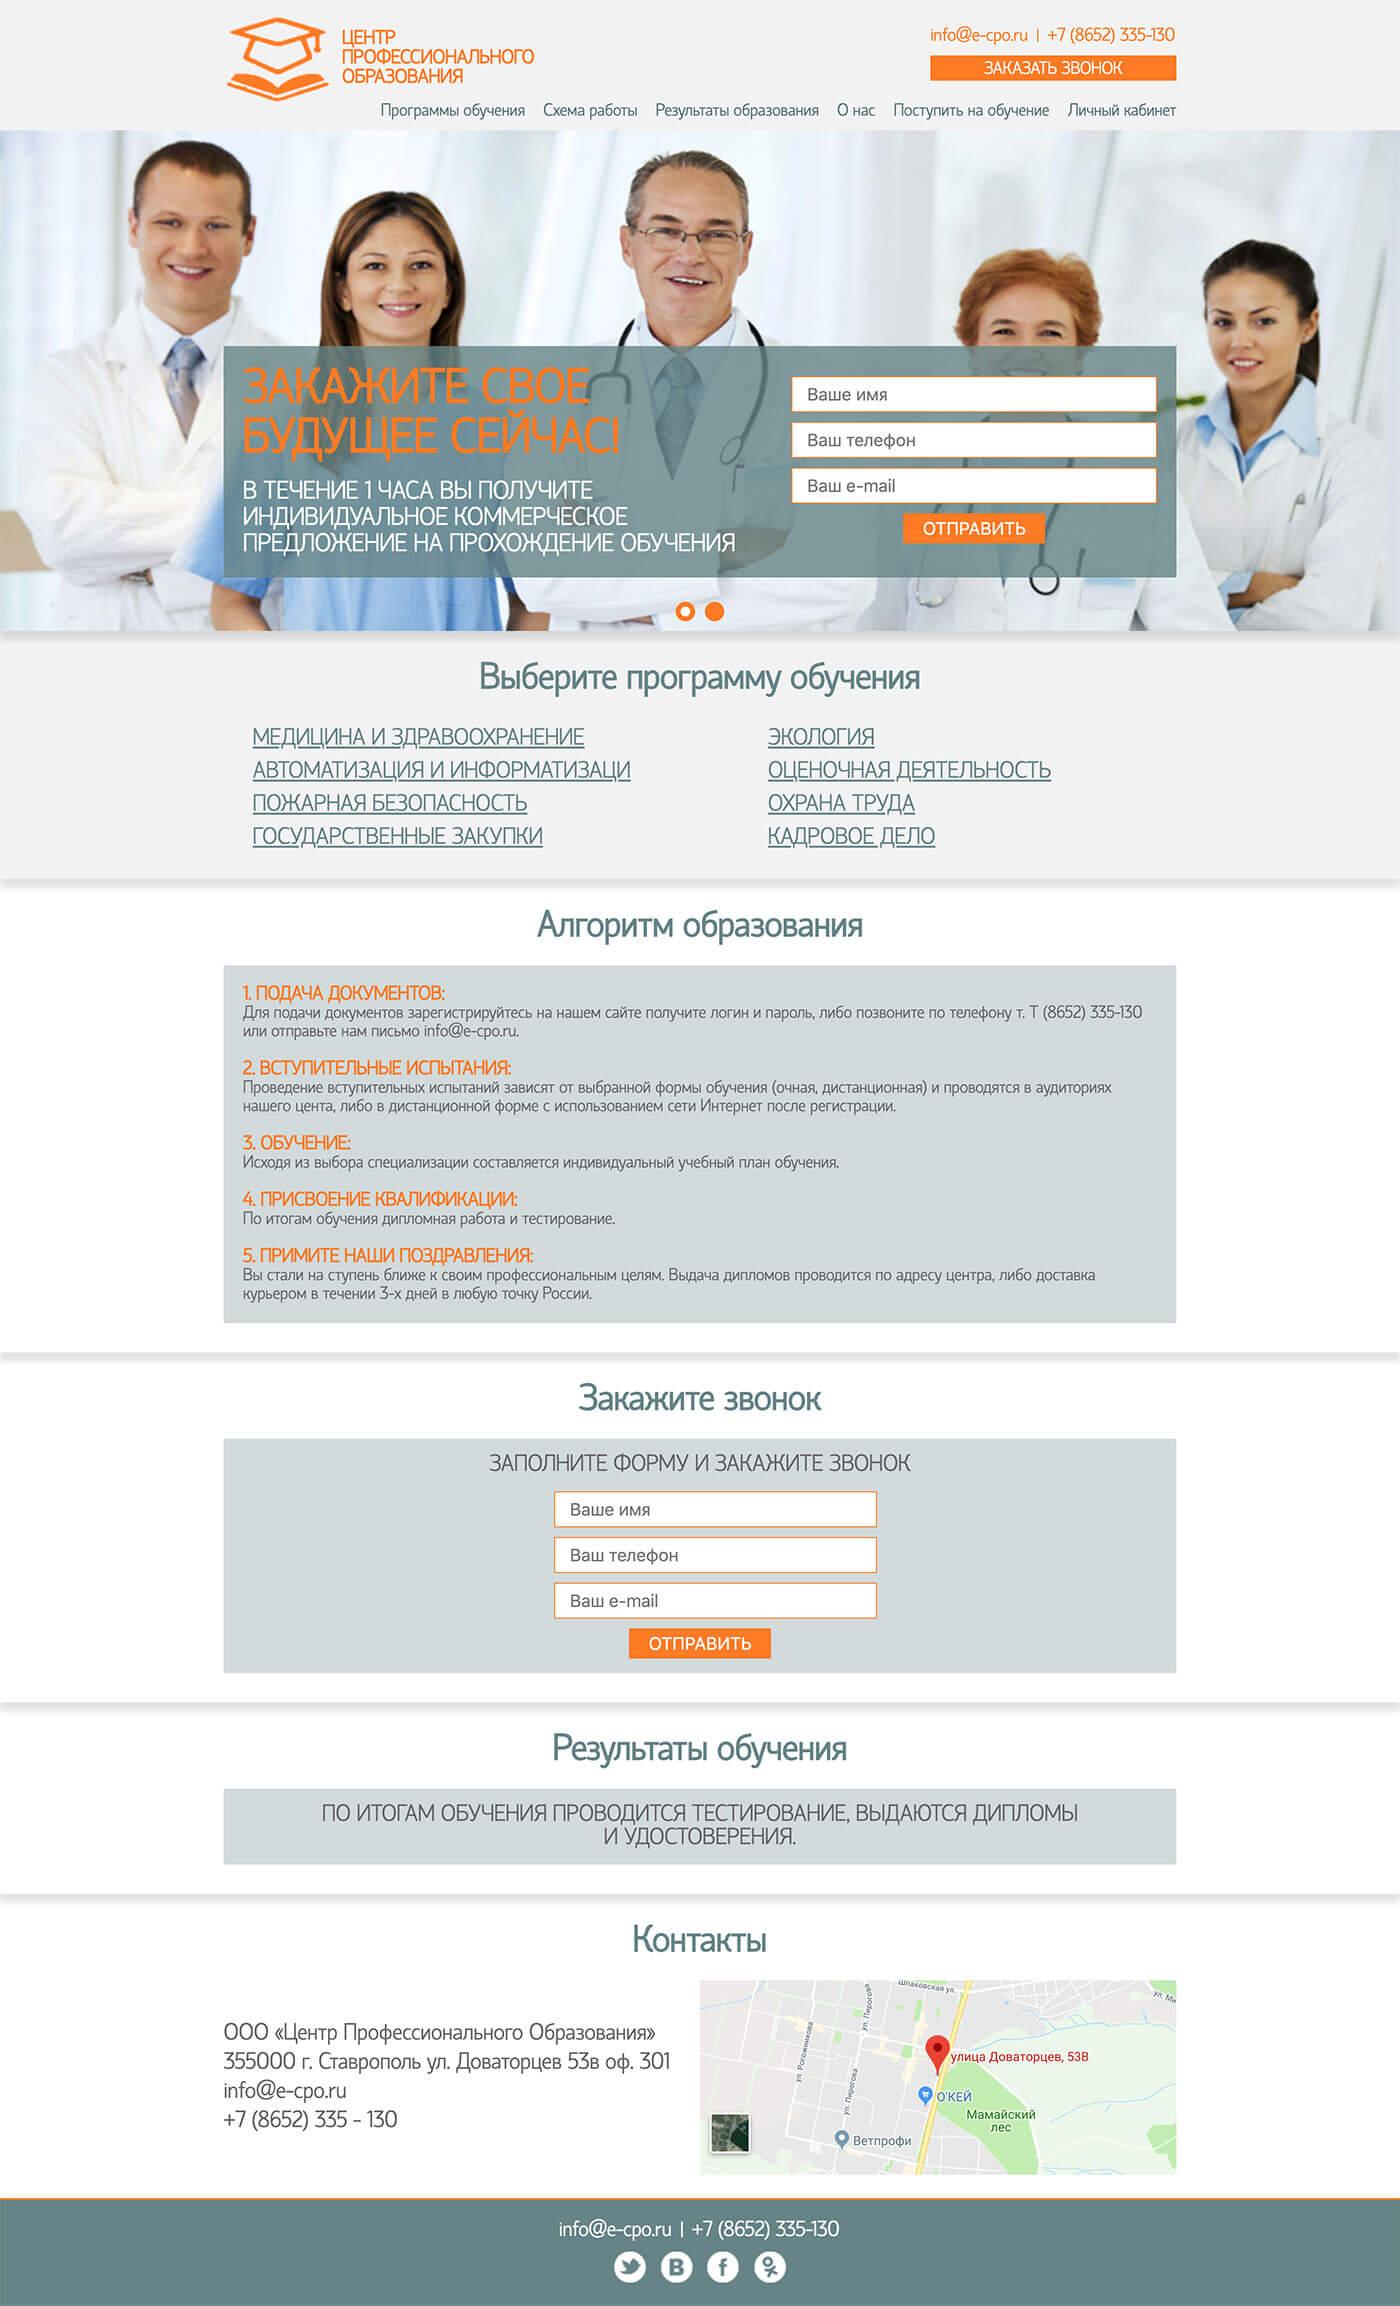 Сайтцентра профессионального образования